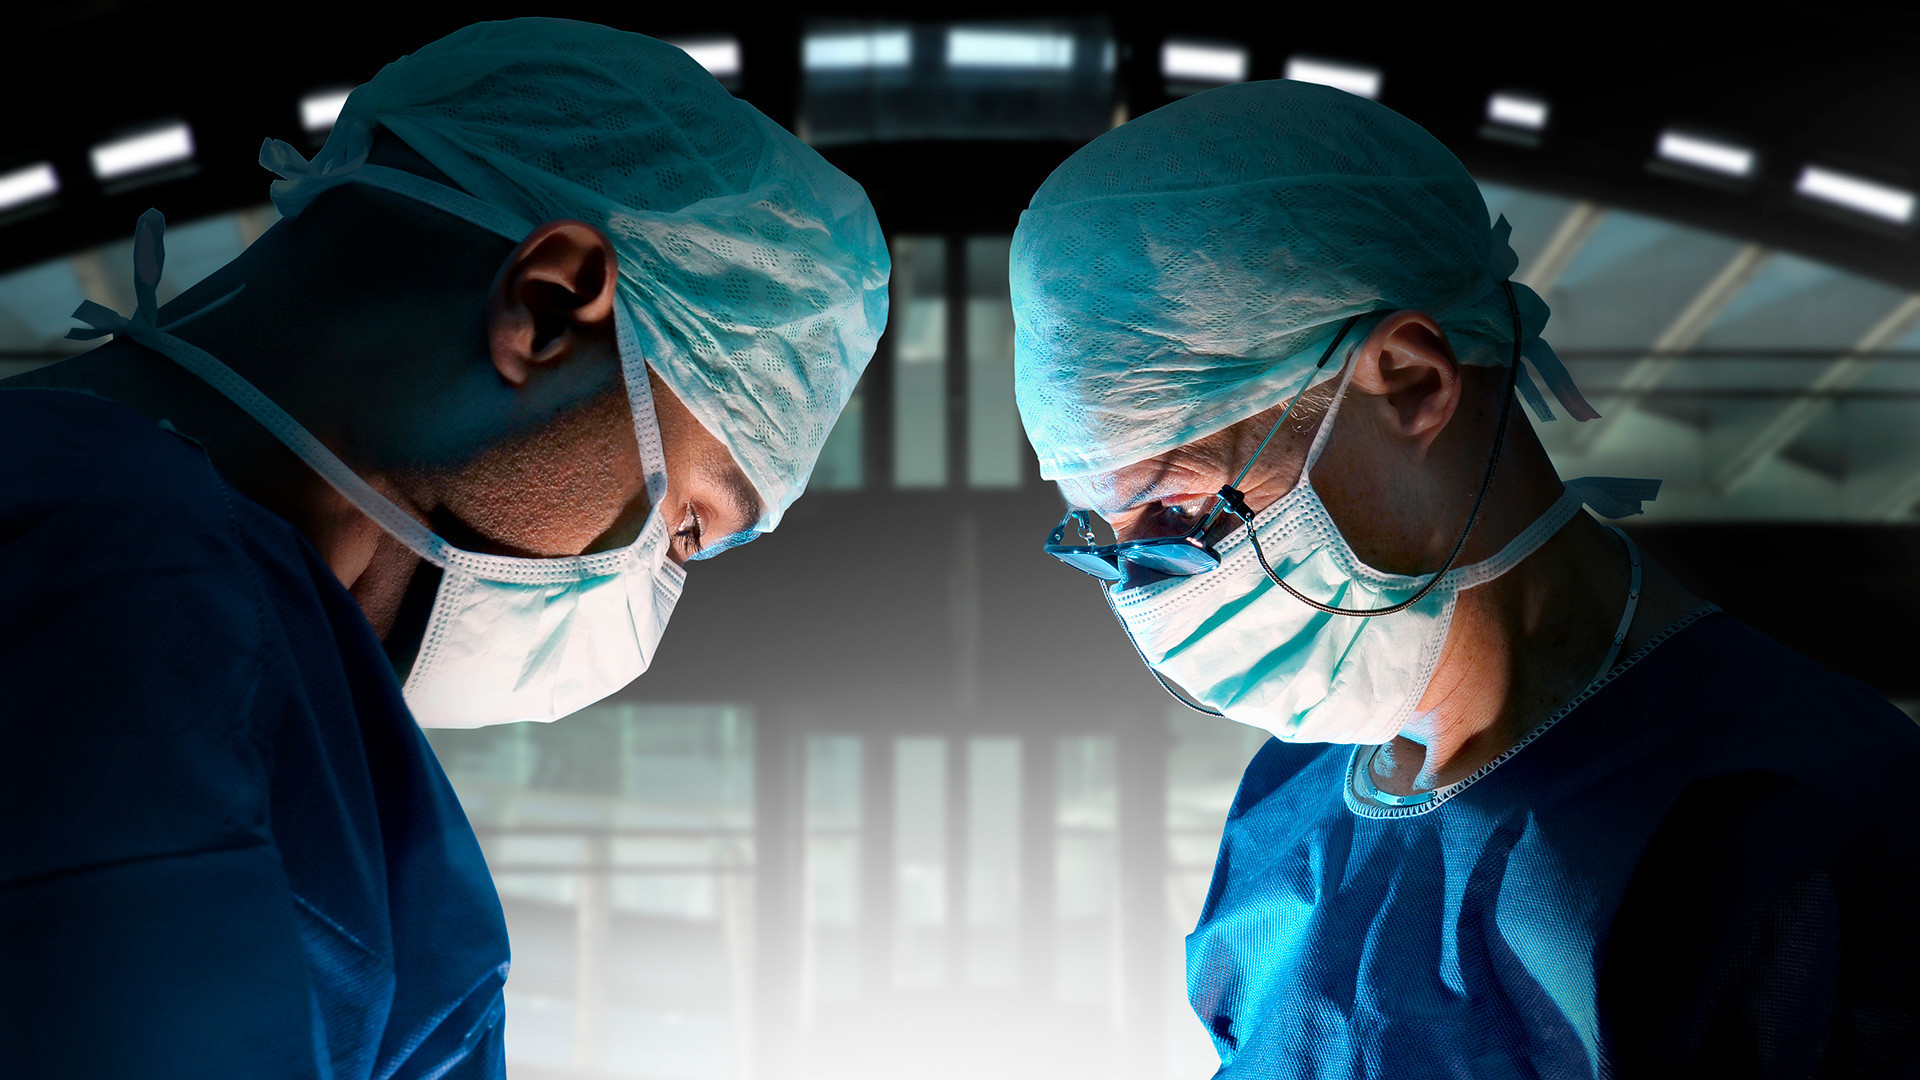 Anda bisa mendapatkan pengobatan darurat dari klinik pemerintah atau swasta.